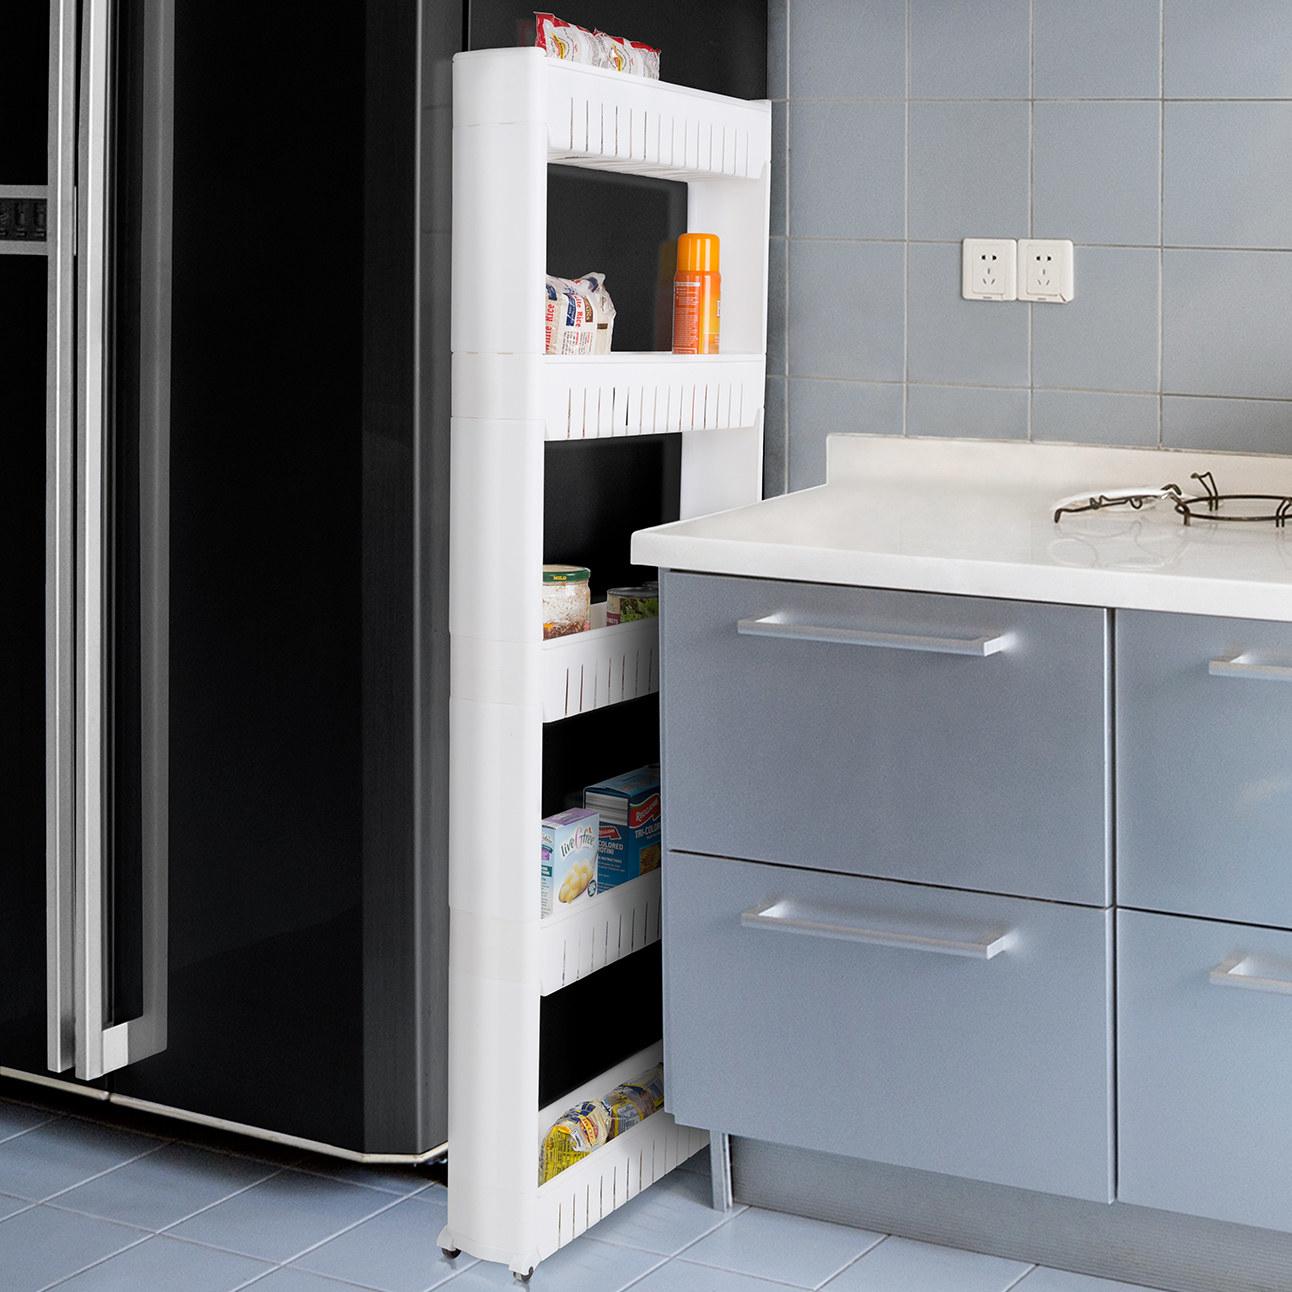 A skinny white plastic shelf next to a refrigerator